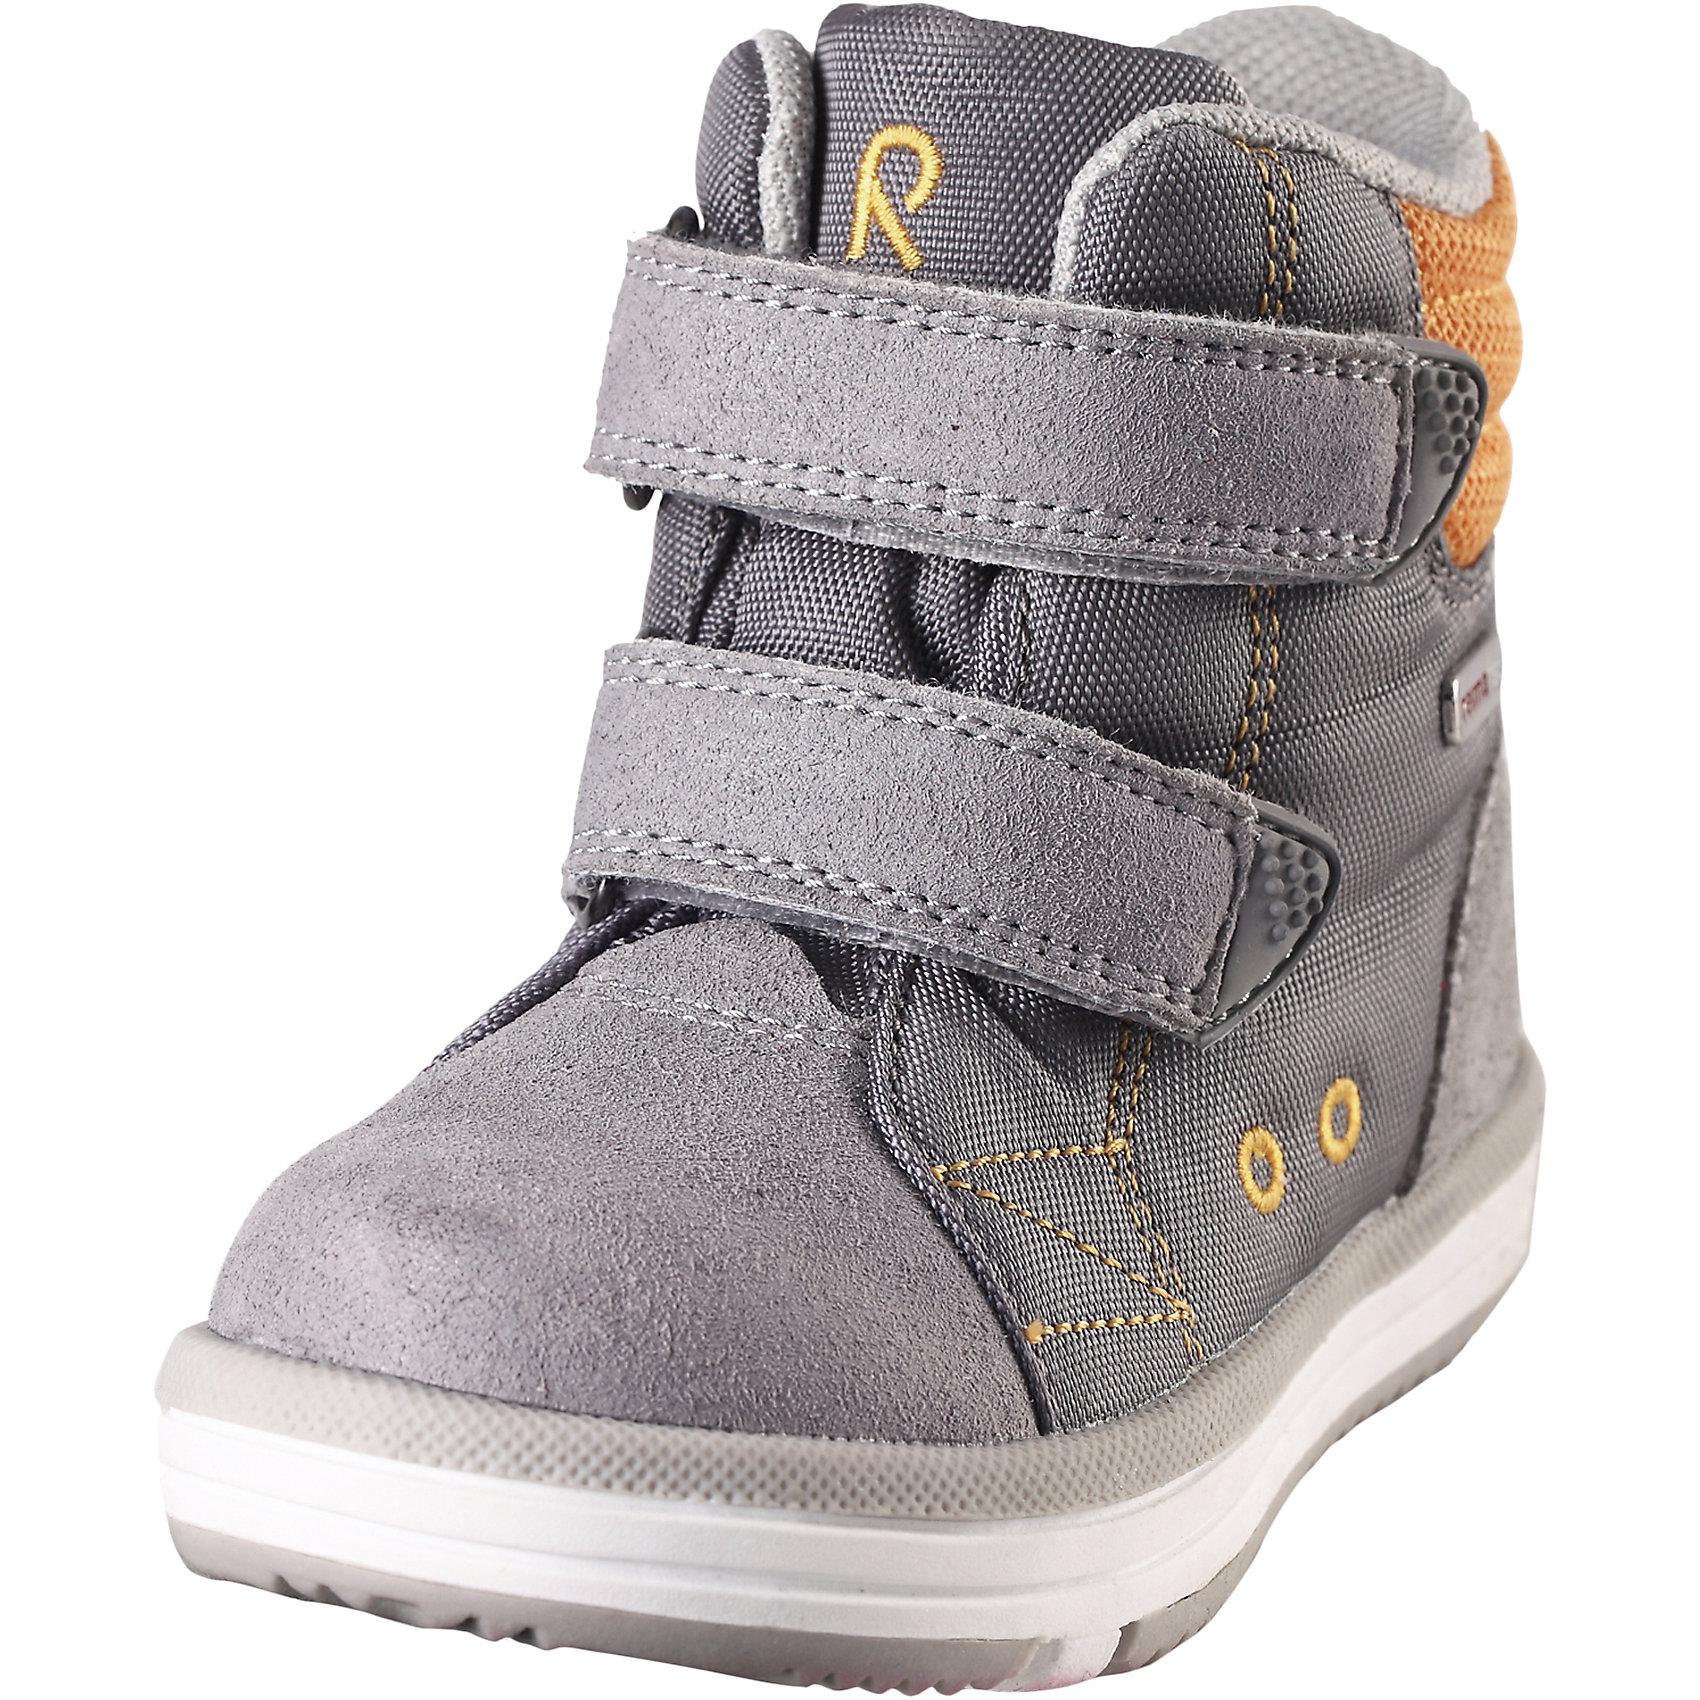 Ботинки Patter Reimatec® ReimaОбувь<br>Ботинки  Reimatec® Reima<br>Кроссовки для малышей. Водонепроницаемая демисезонная обувь. Подошва Reima® из термопластичного каучука с рисунком Happy Fit. Водонепроницаемые, герметичные вставки с подкладкой из mesh-сетки. Съемные стельки с рисунком Happy Fit, которые помогают определить размер. Можно стирать в машине при температуре 30 °C. Простая застежка на липучке, имеющая две точки крепления. Светоотражающие детали.<br>Уход:<br>Храните обувь в вертикальном положении при комнатной температуре. Сушить обувь всегда следует при комнатной температуре: вынув съемные стельки. Стельки следует время от времени заменять на новые. Налипшую грязь можно счищать щеткой или влажной тряпкой. Перед использованием обувь рекомендуется обрабатывать специальными защитными средствами.<br>Состав:<br>Подошва: Термопластиковая резина, Верх: 80% Брезент 20% ПУ<br><br>Ширина мм: 262<br>Глубина мм: 176<br>Высота мм: 97<br>Вес г: 427<br>Цвет: серый<br>Возраст от месяцев: 9<br>Возраст до месяцев: 12<br>Пол: Унисекс<br>Возраст: Детский<br>Размер: 20,29,24,28,23,26,21,27,22,25,30<br>SKU: 4776548